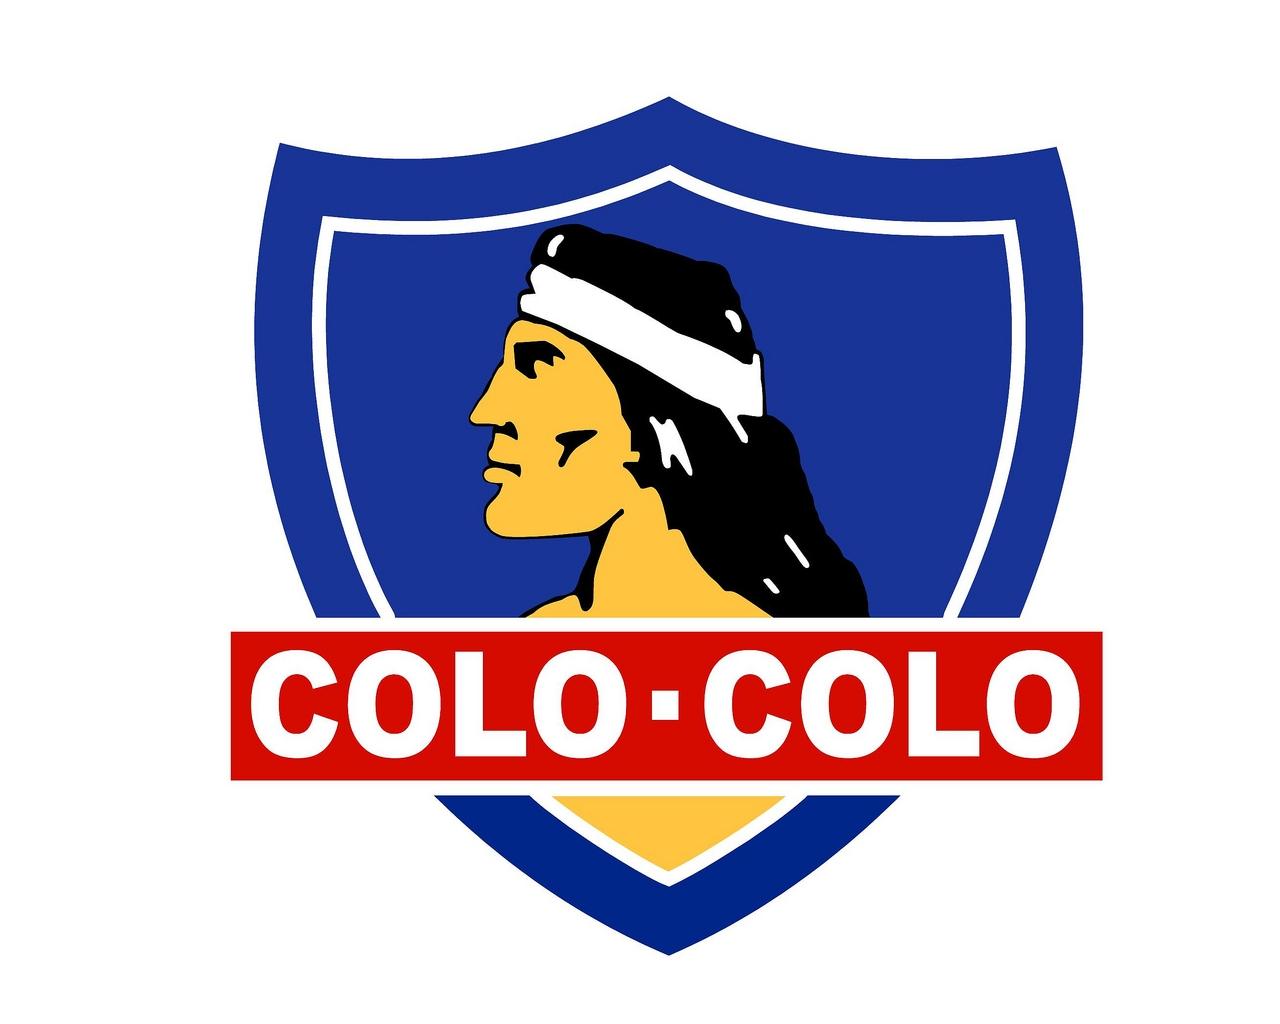 Cual es su equipo favorito (Cualquier competicion) Escudo-colo-colo